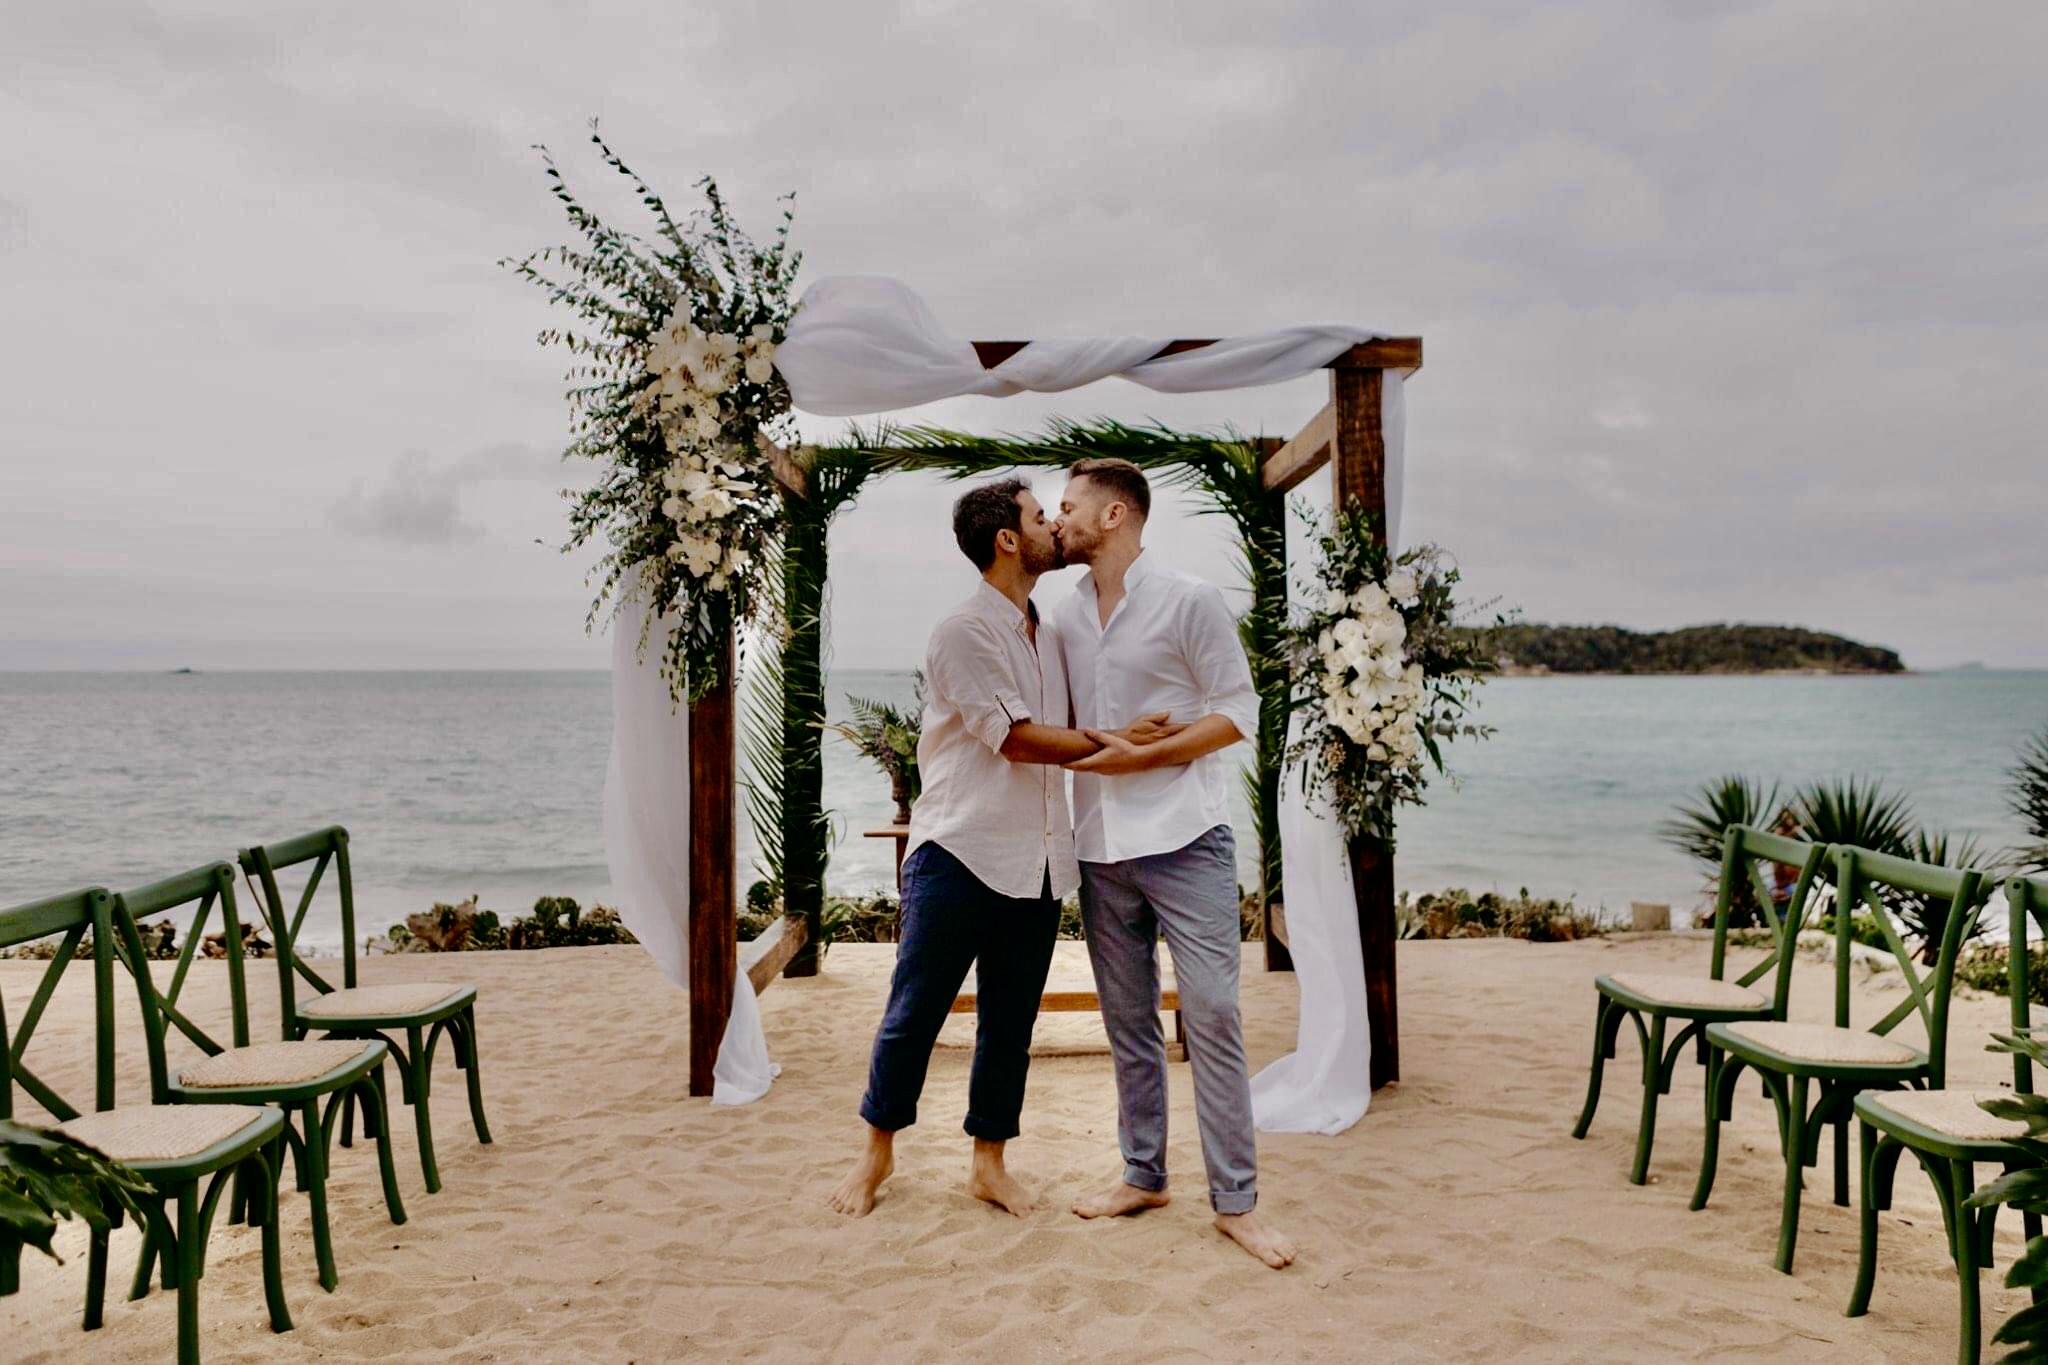 União linda e cheia de significado- Casamento B&A - Búzios- RJ